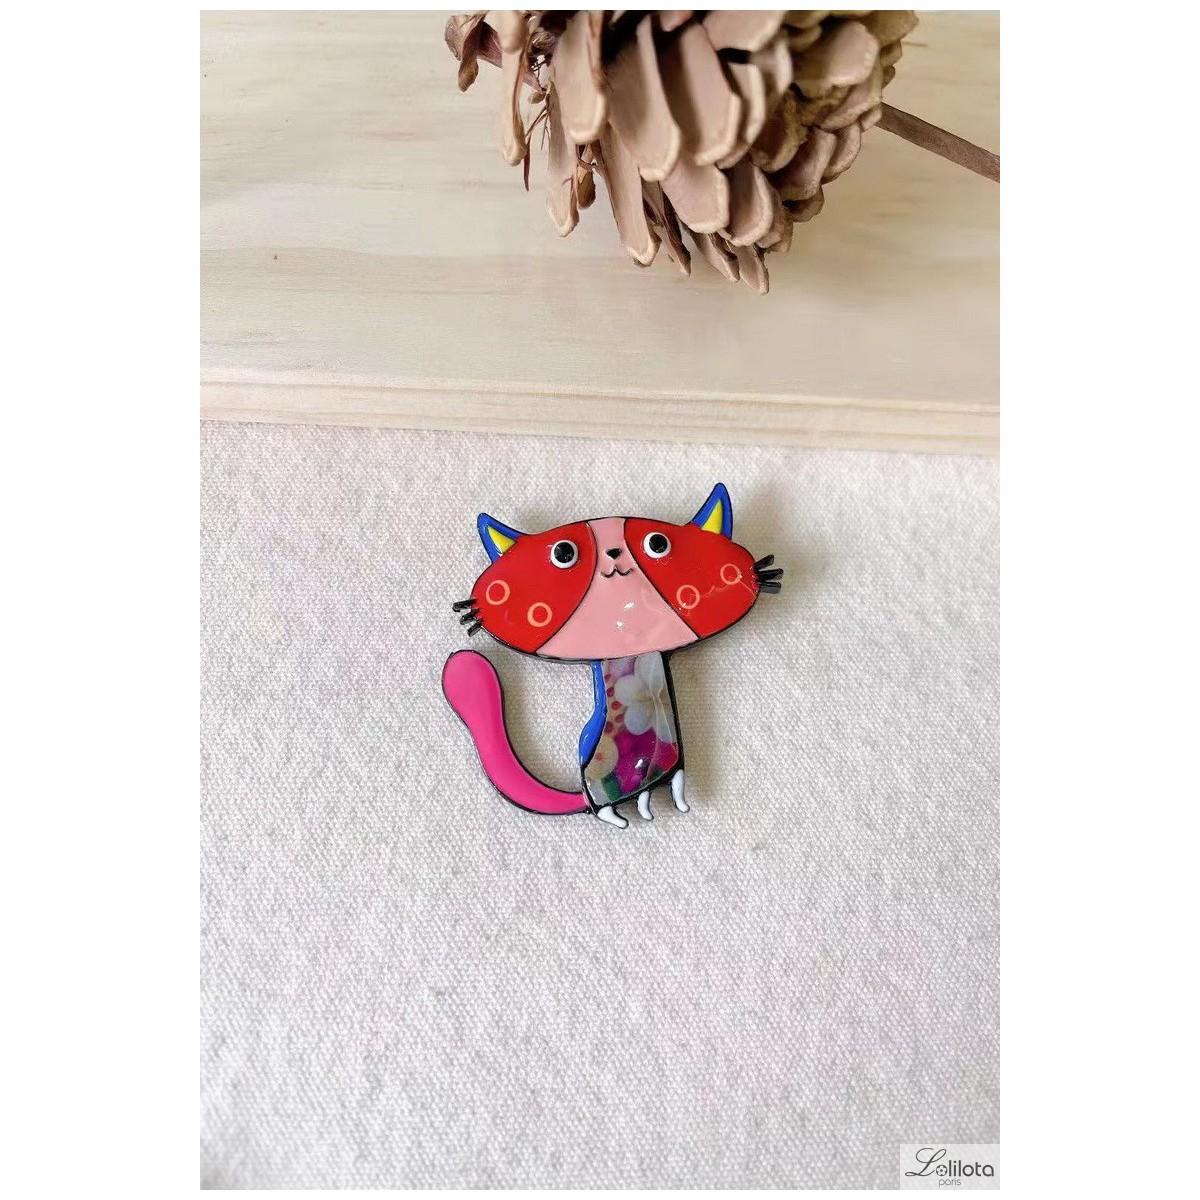 Lol Jewelry brooch, red cat